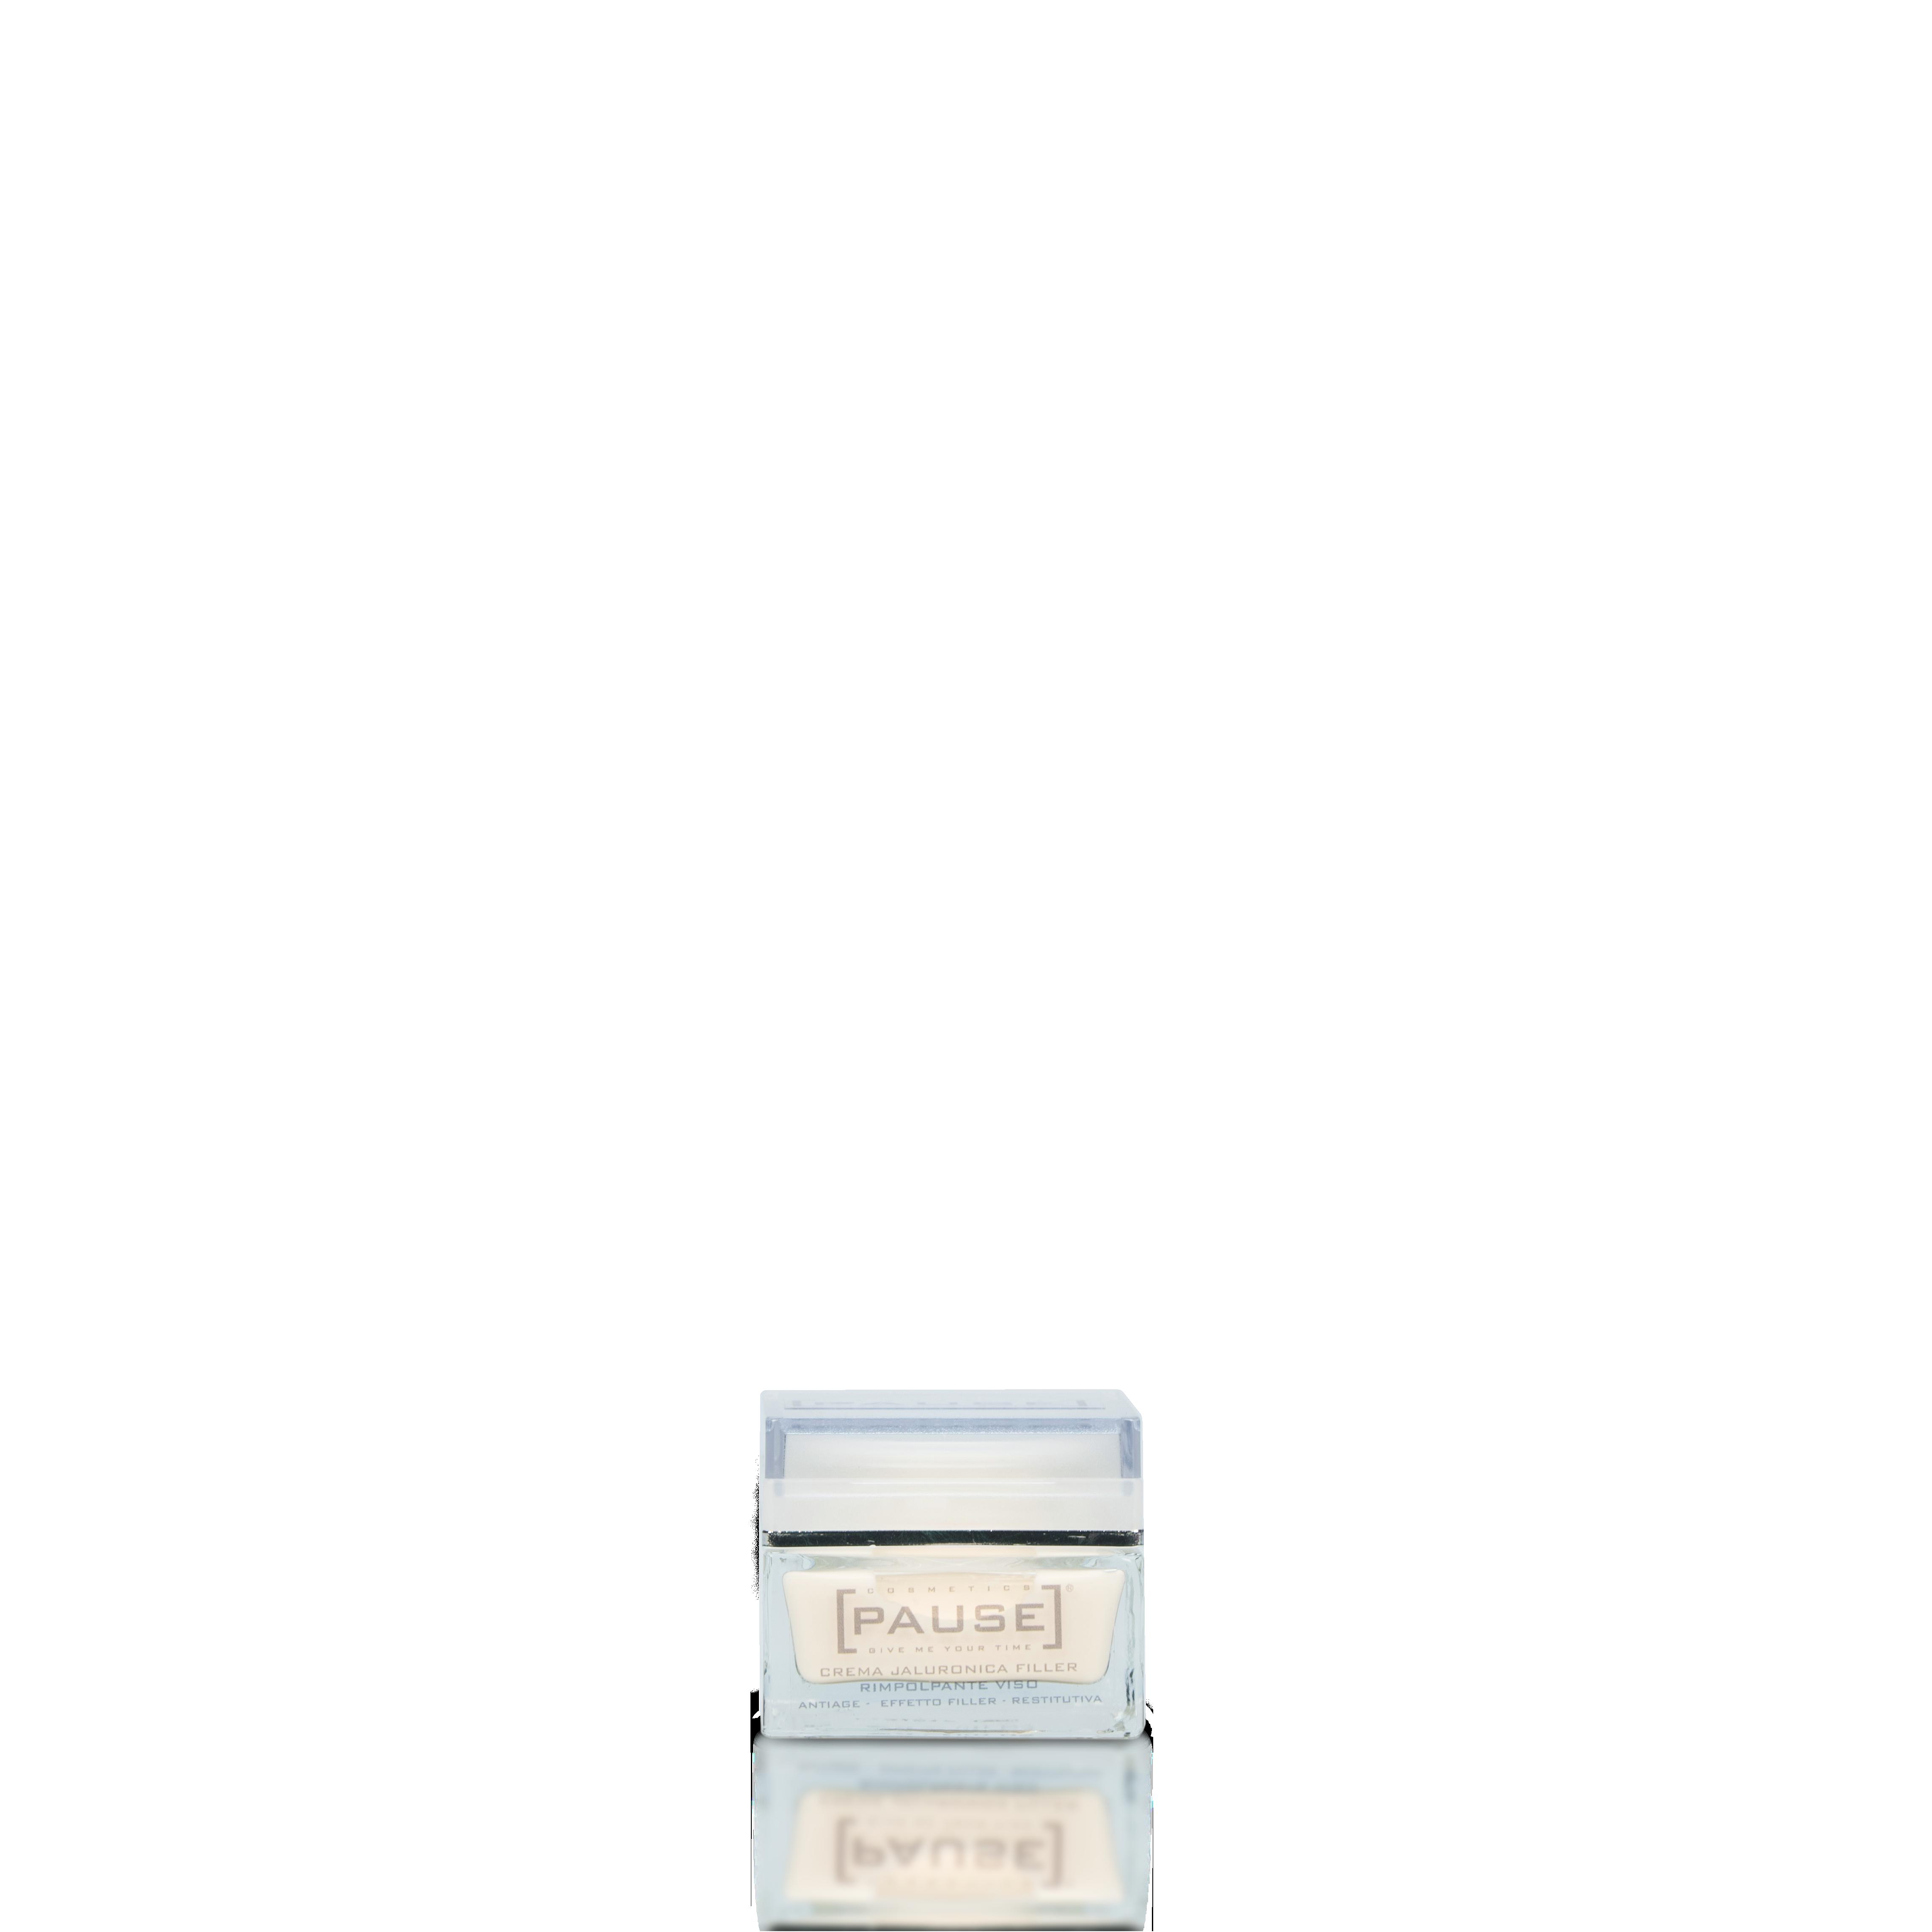 ebook 103 curiosità matematiche teoria dei numeri delle cifre e delle relazioni nella matematica contemporanea